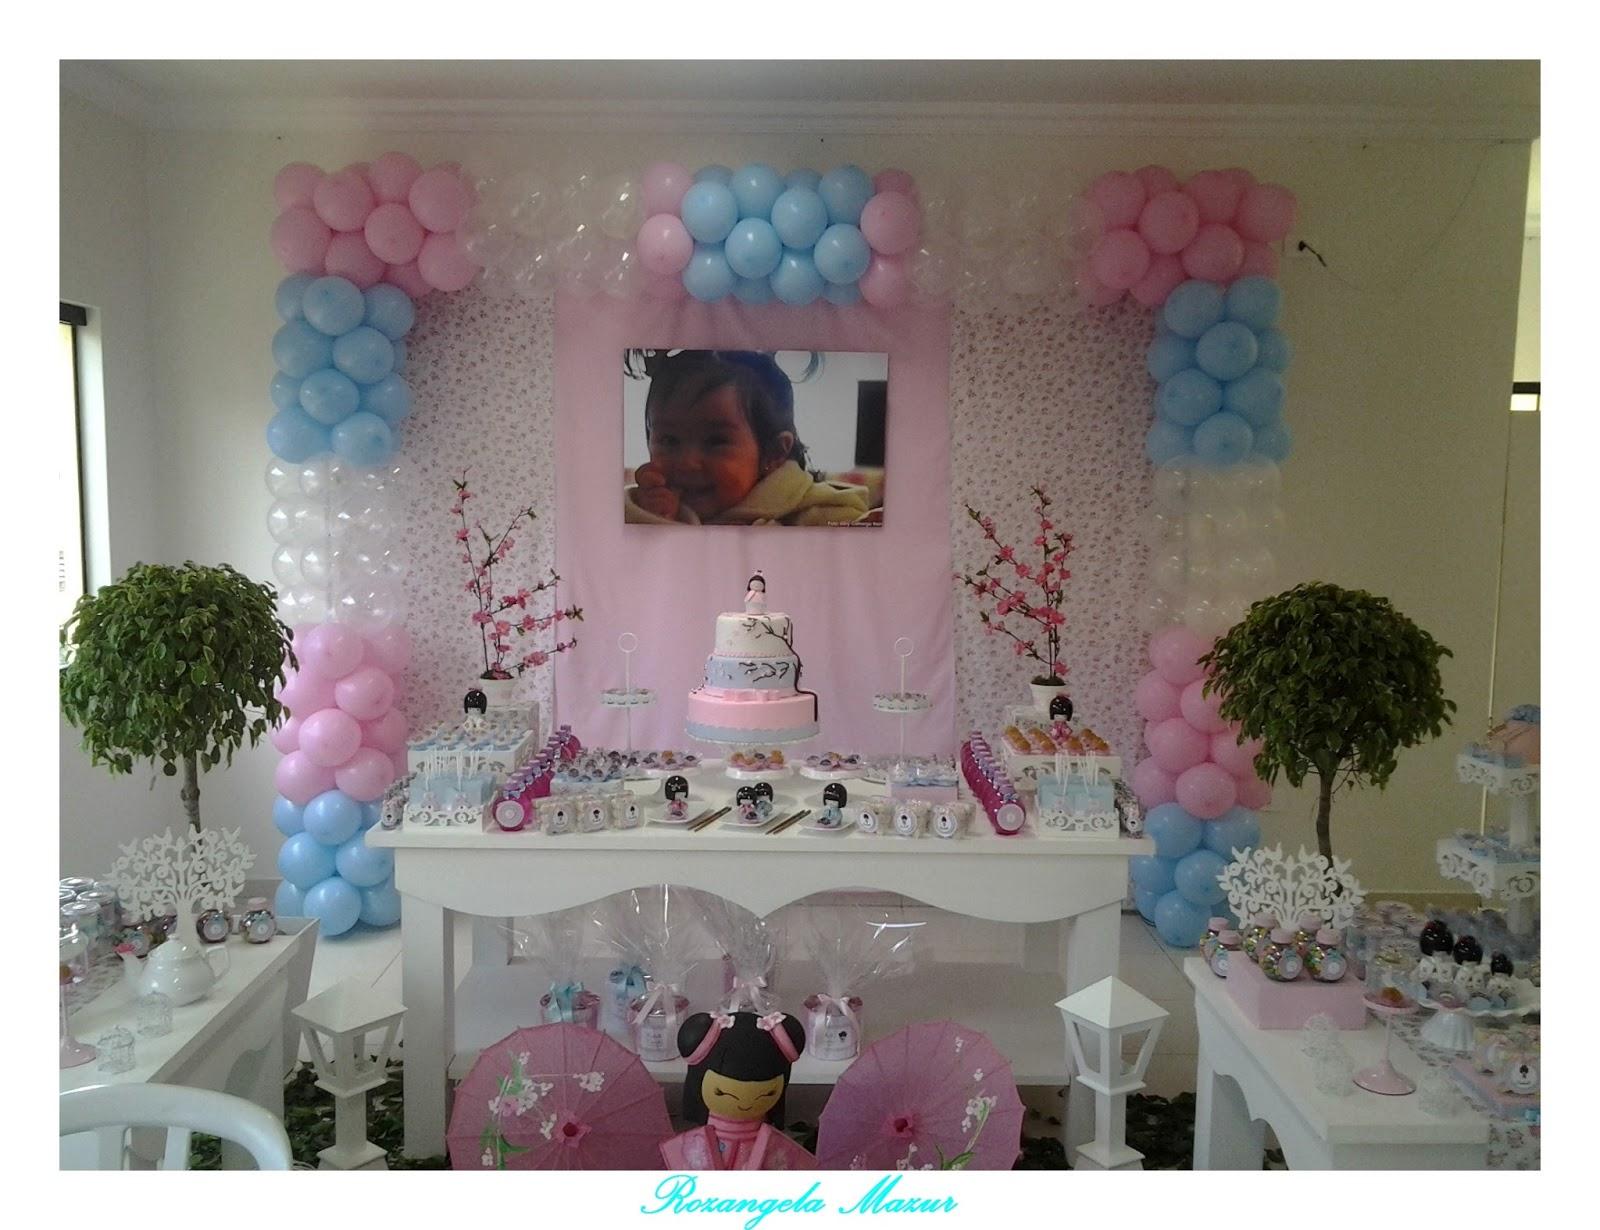 decoracao festa kokeshi:Festa Infantil por Rozangela Mazur: Decoração Kokeshi